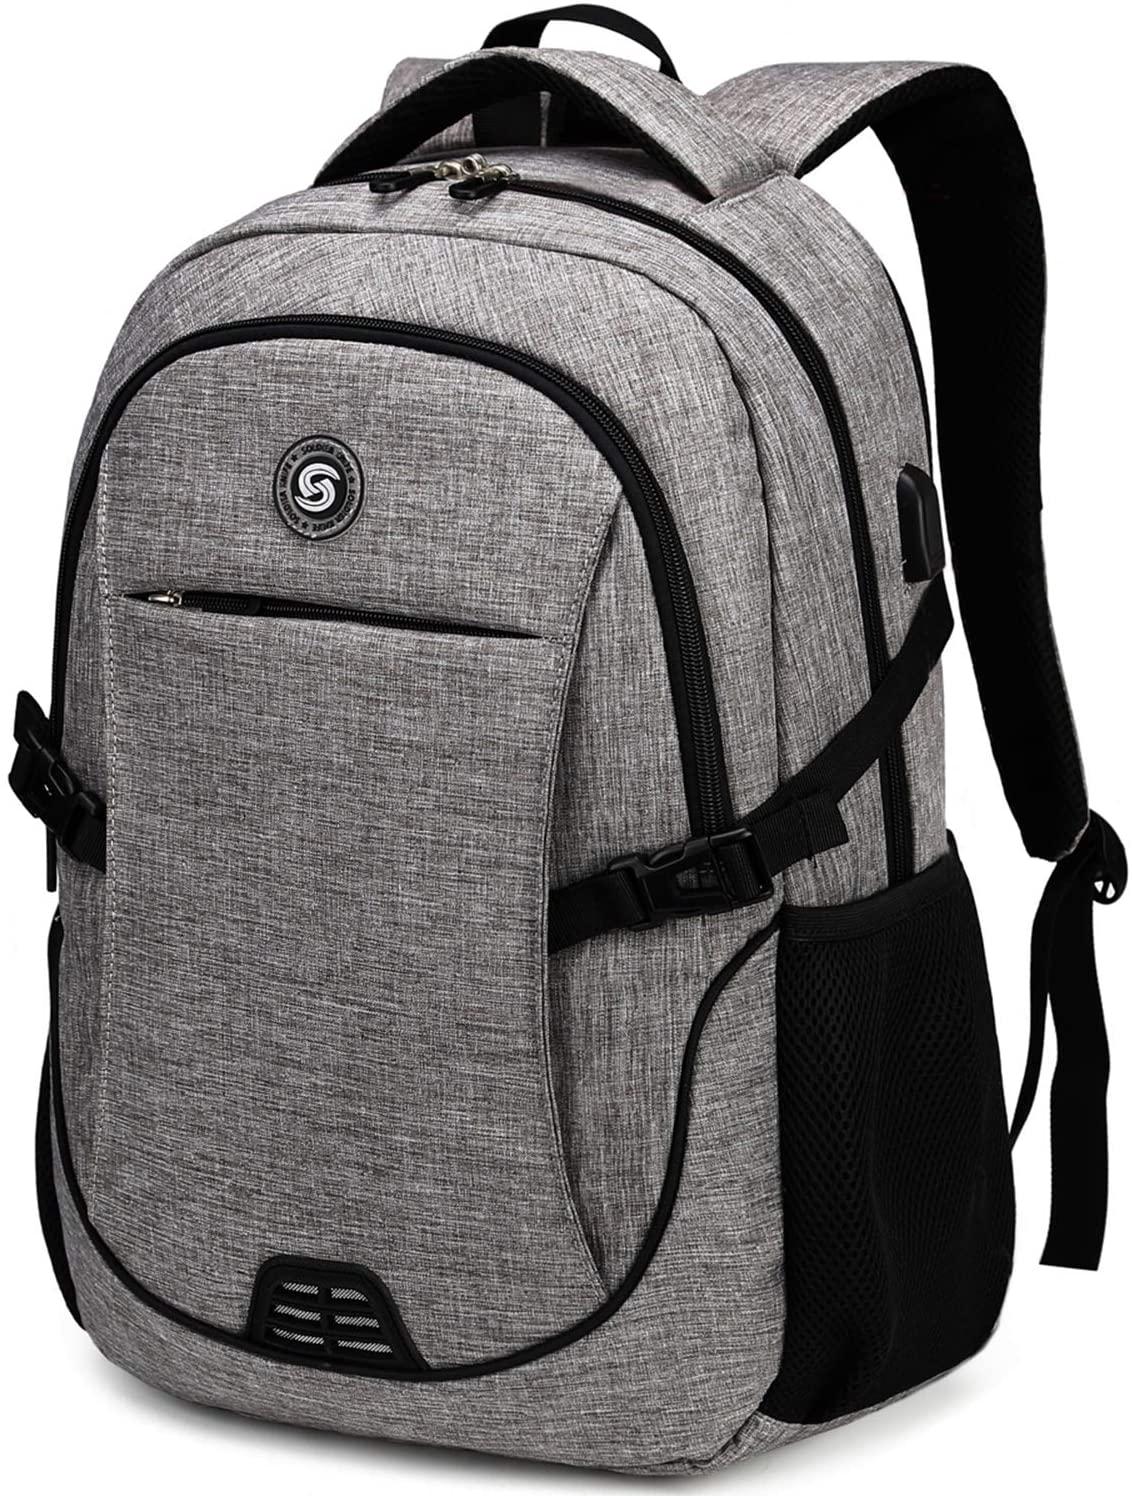 Grey backpack, best backpacks under $100